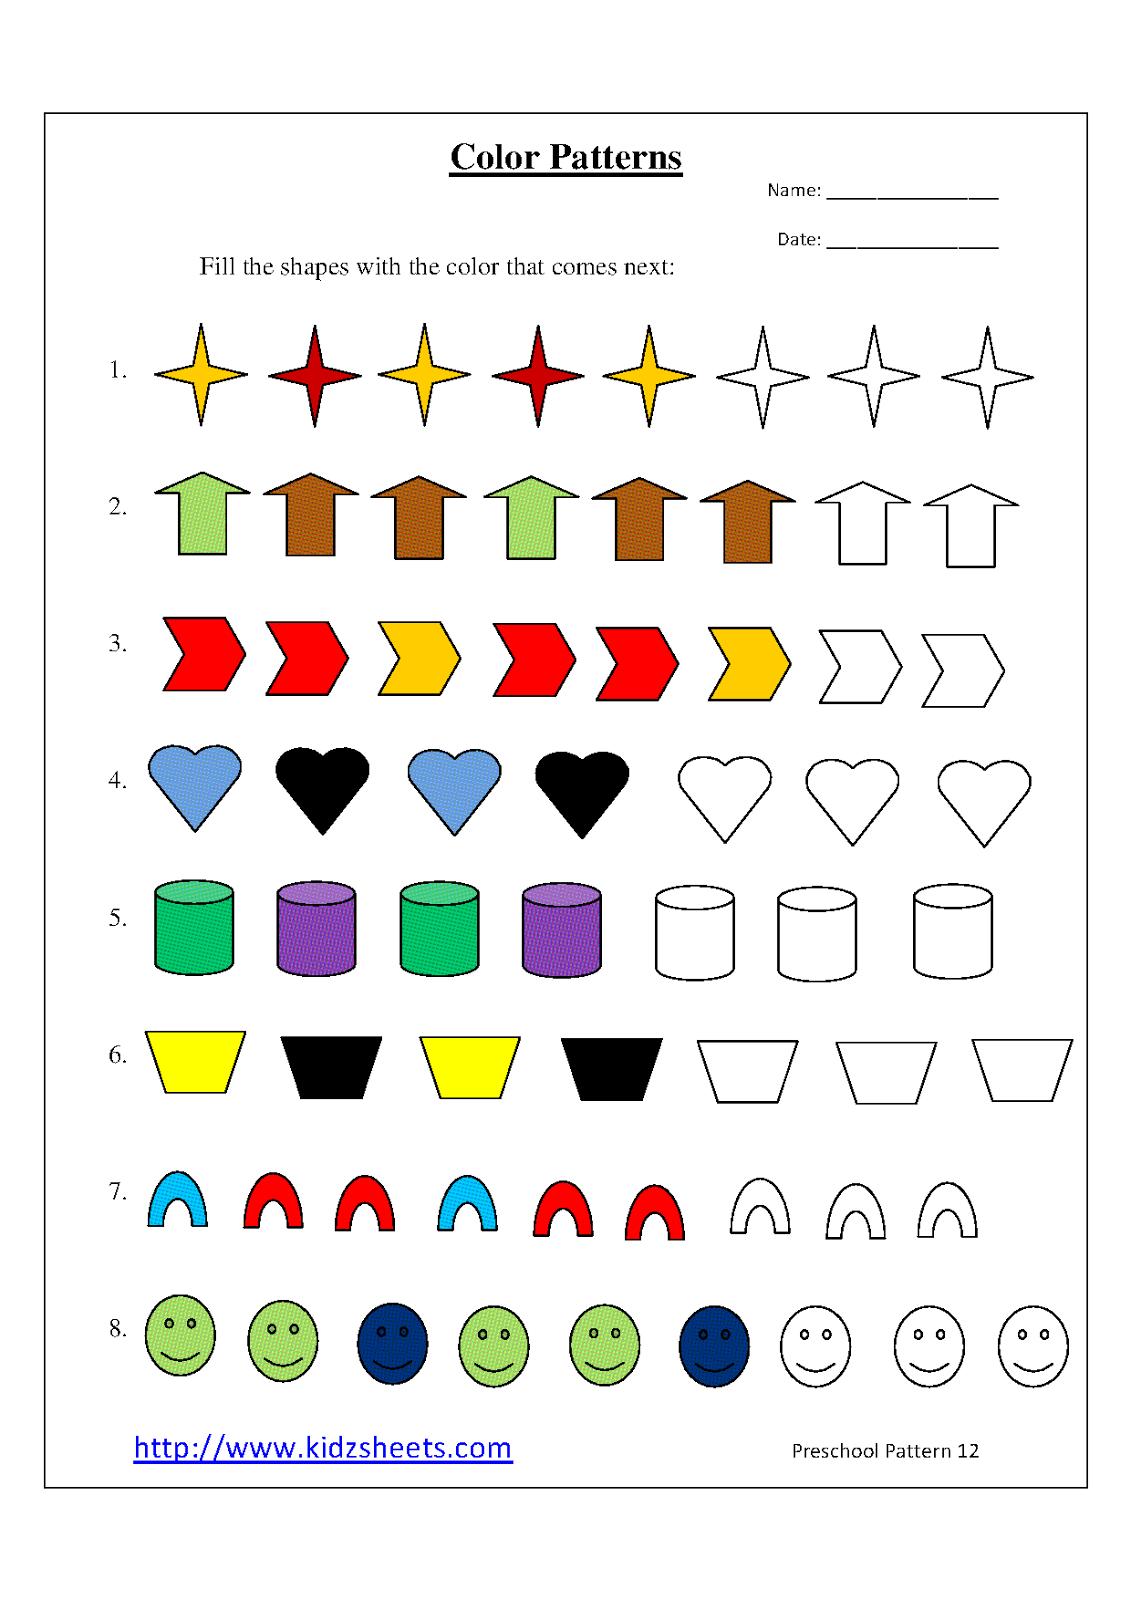 8 Best Images of Printable Pattern Worksheets - Preschool Pattern ...